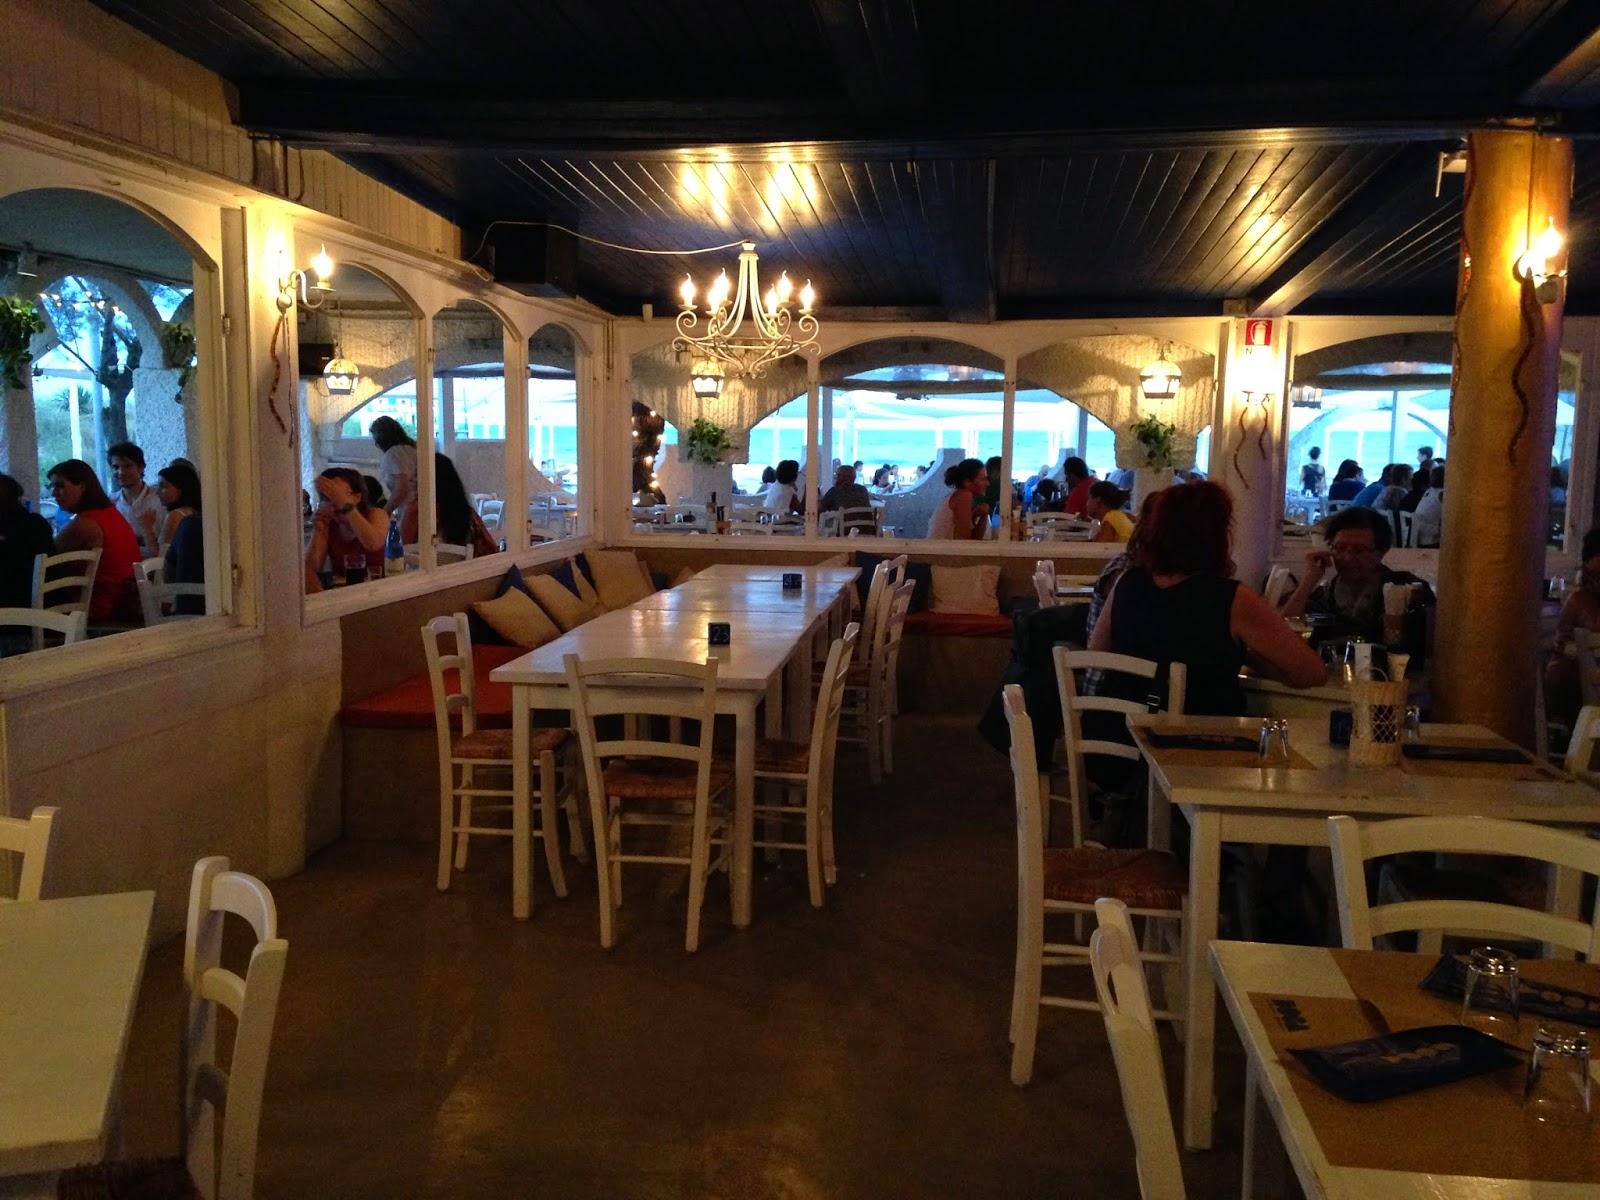 Bologna e non solo ristorante bagno boca barranca viale italia 301 marina romea ra - Bagno boca barranca ...